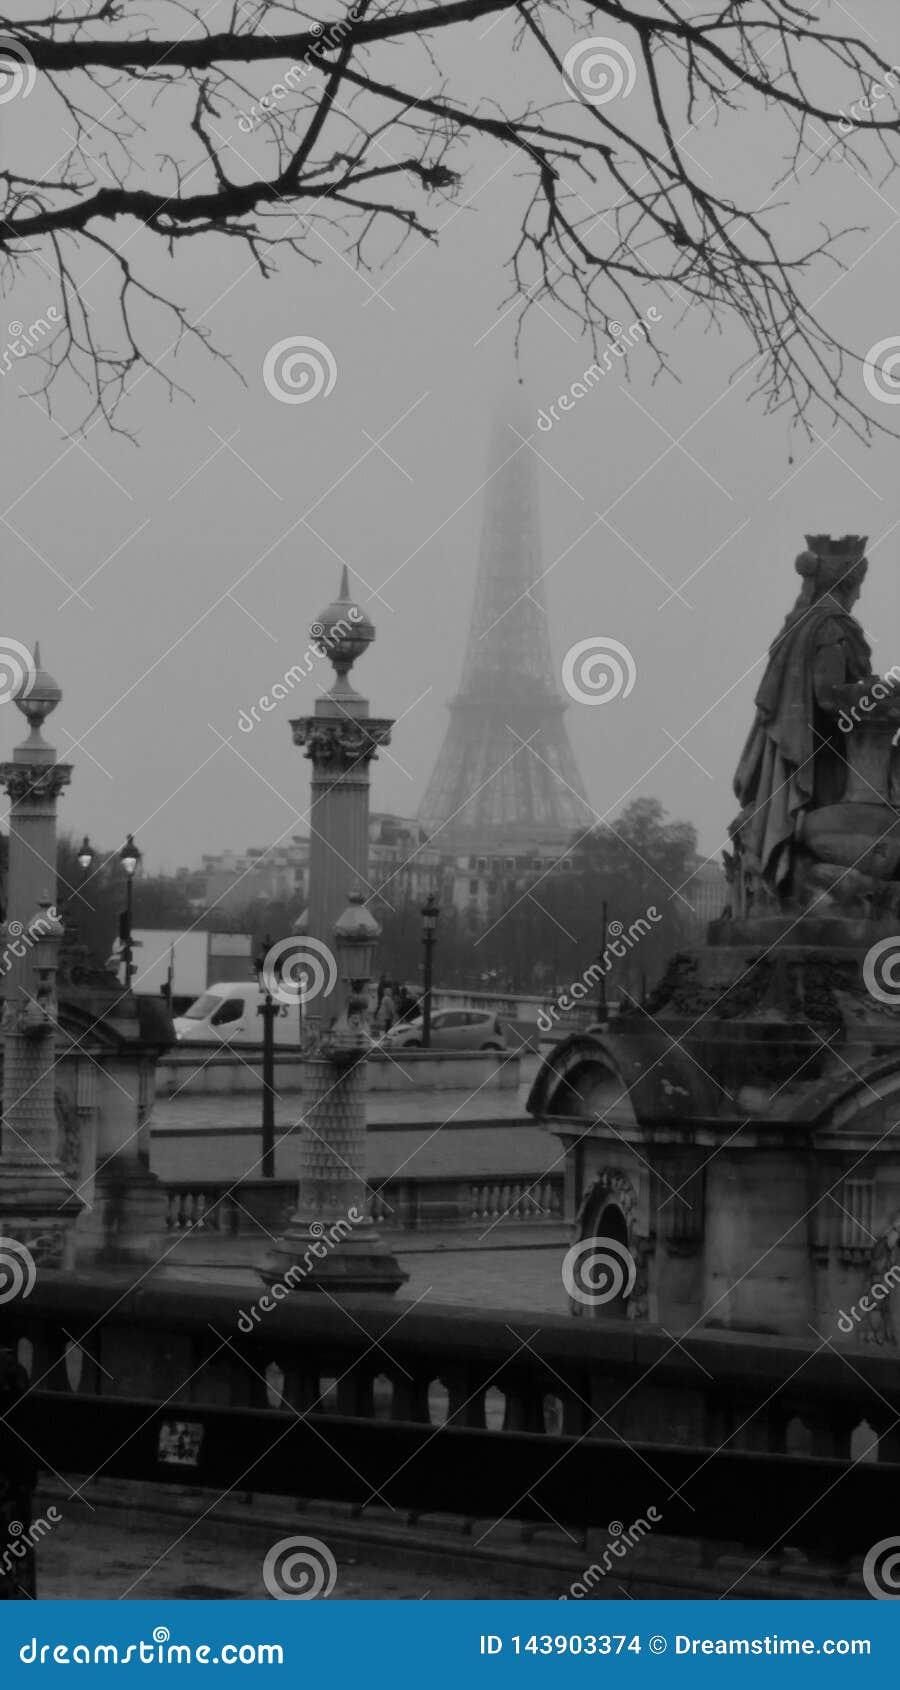 Torre Eiffel em preto e branco